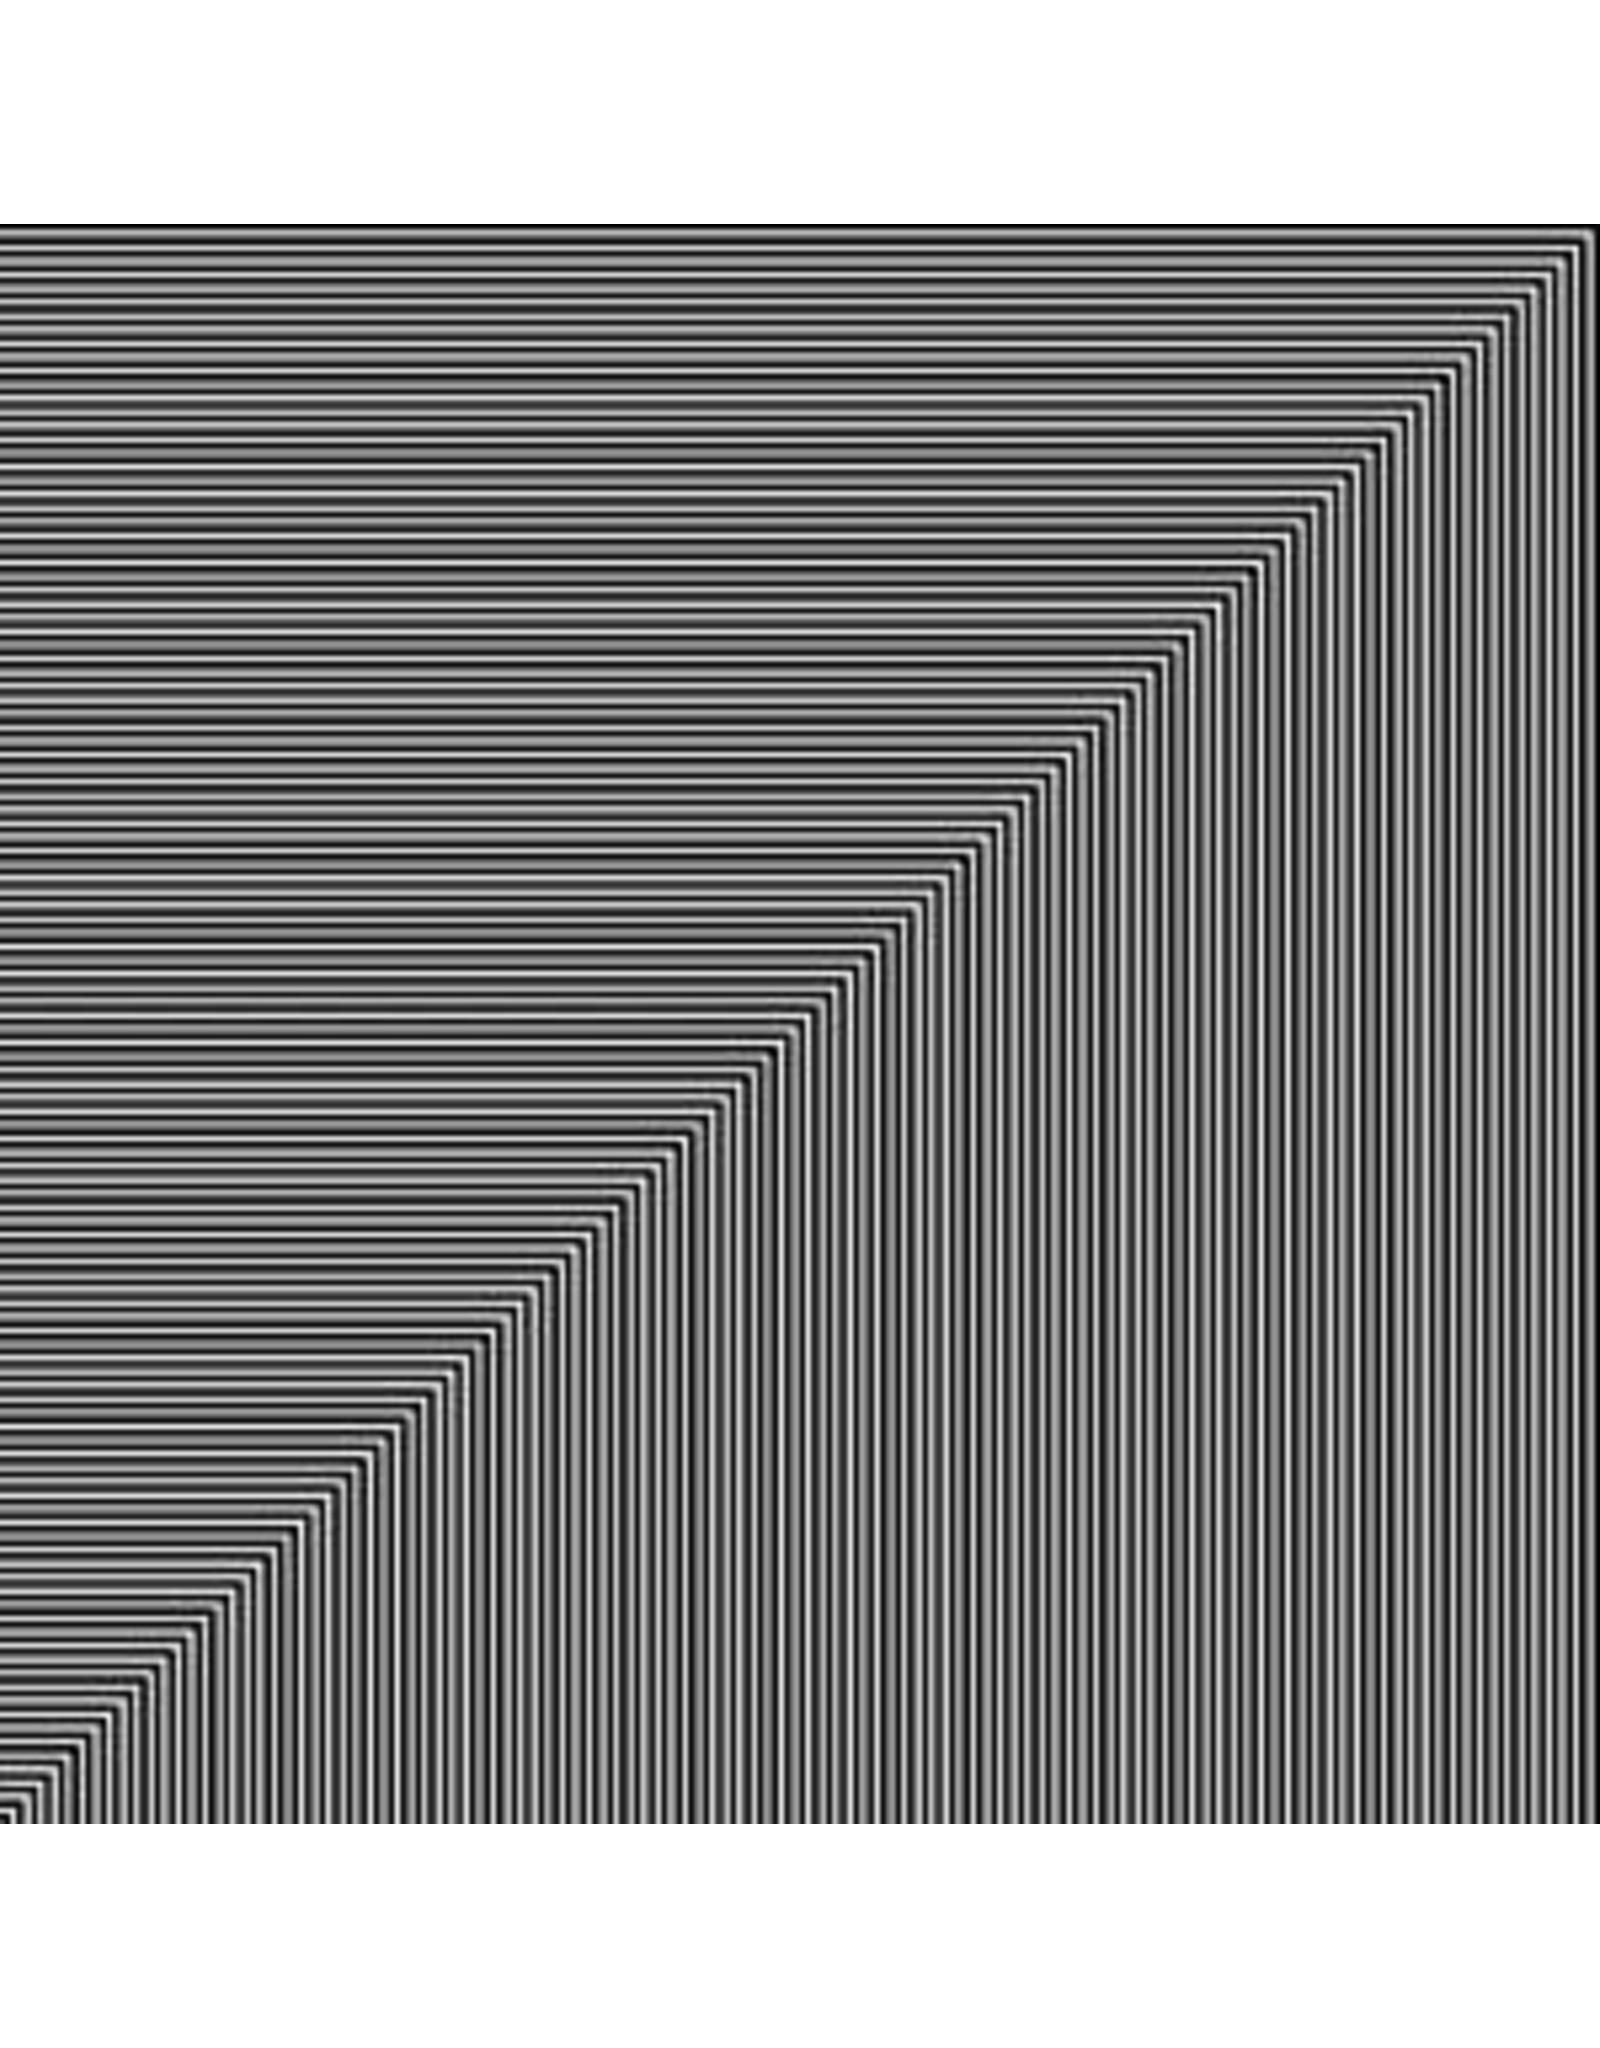 New Vinyl Dopplereffekt - Cellular Automata LP